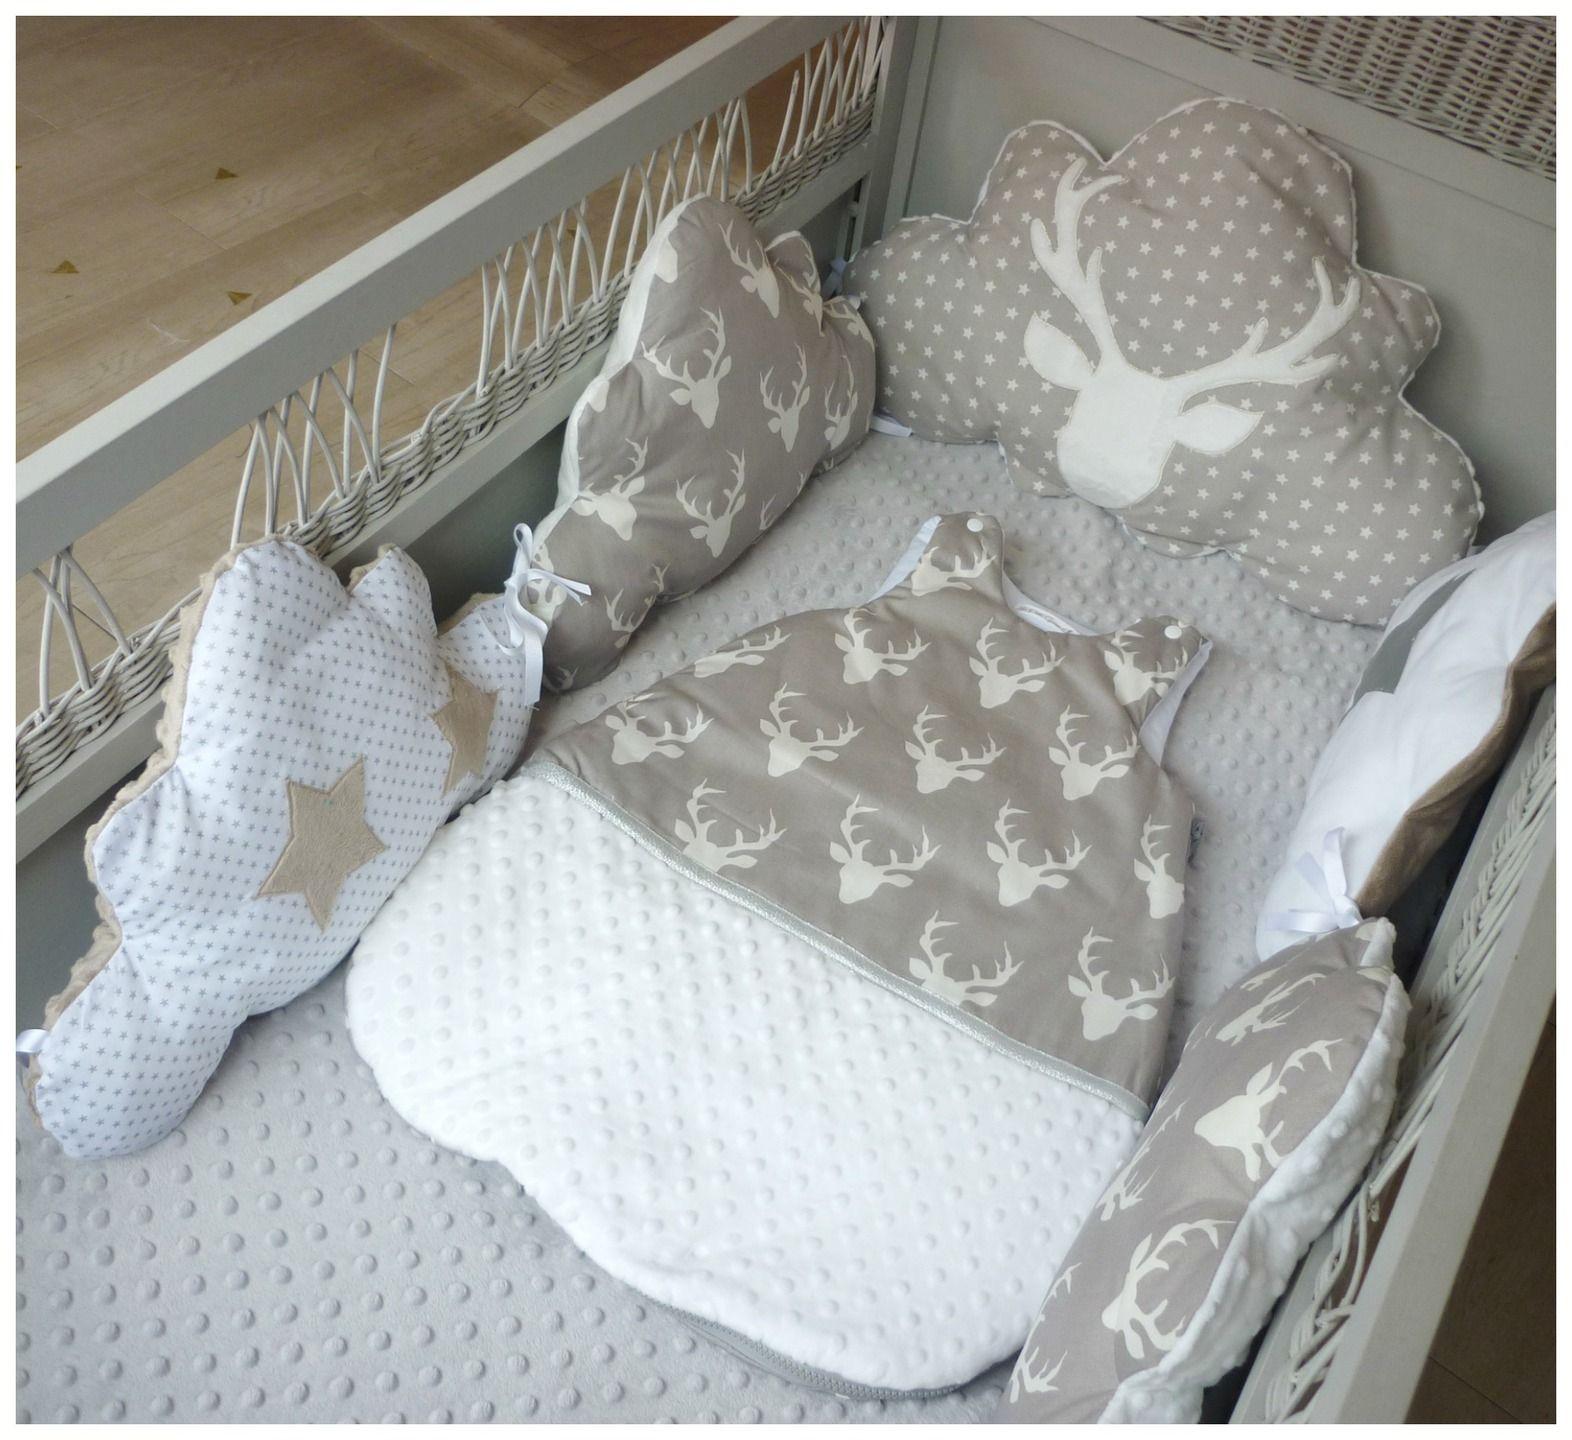 fr tour de lit bebe nuage tete de cerf blanche argent et taupe couture pinterest t tes de. Black Bedroom Furniture Sets. Home Design Ideas